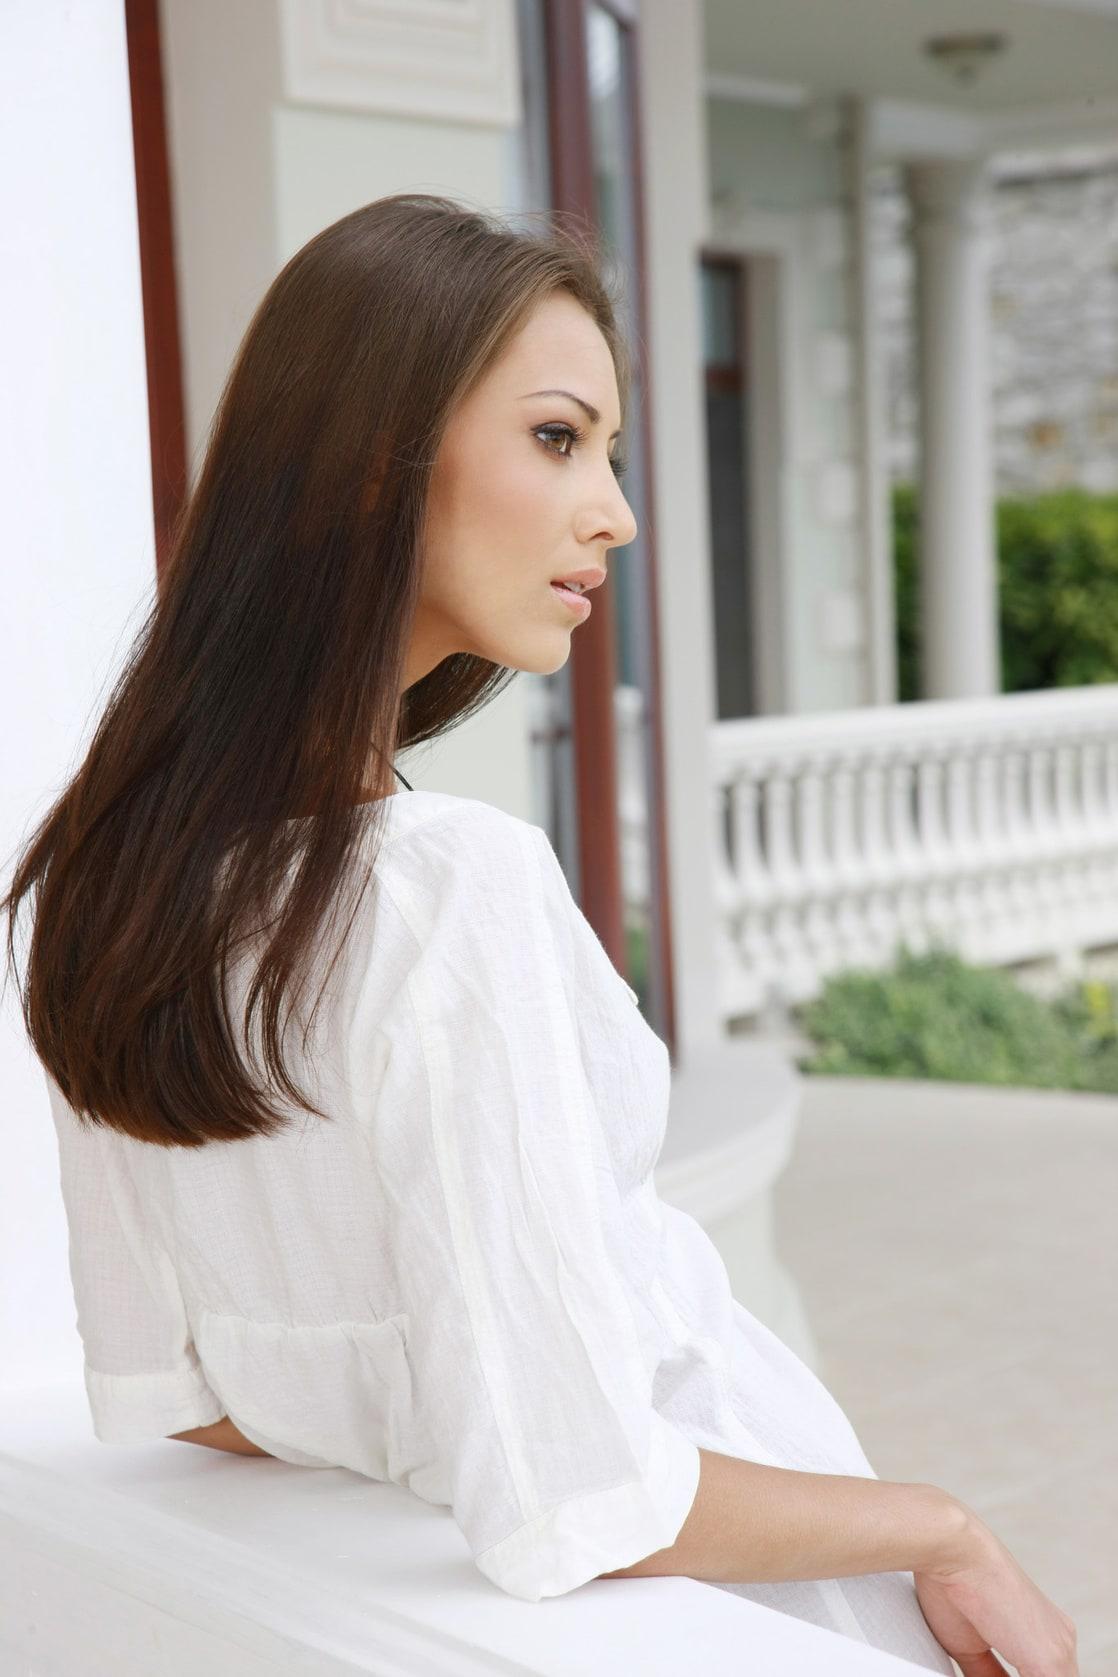 Picture of Anna AJ